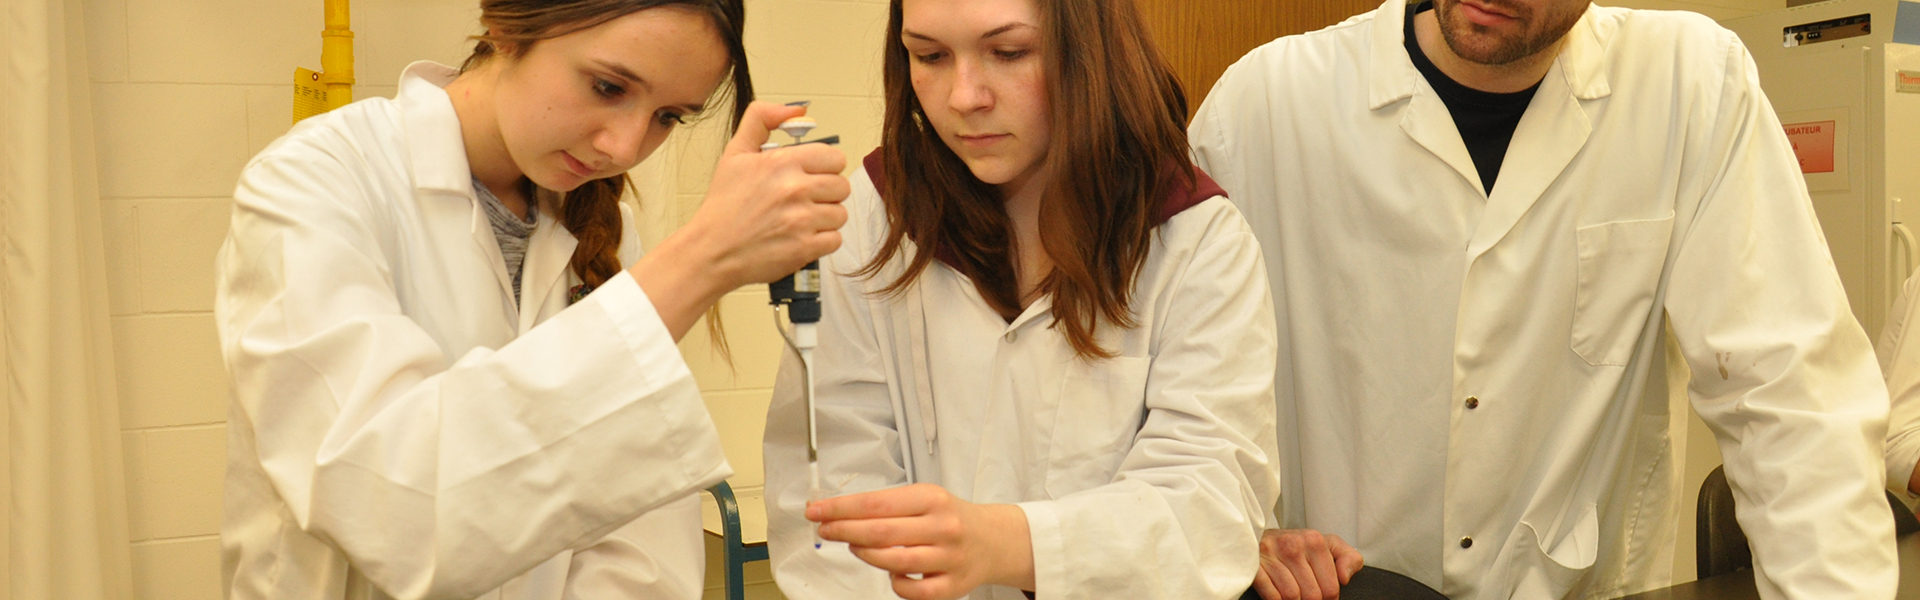 Des étudiants explorent les sicences dans un laboratoire du programme Sciences, lettres et arts